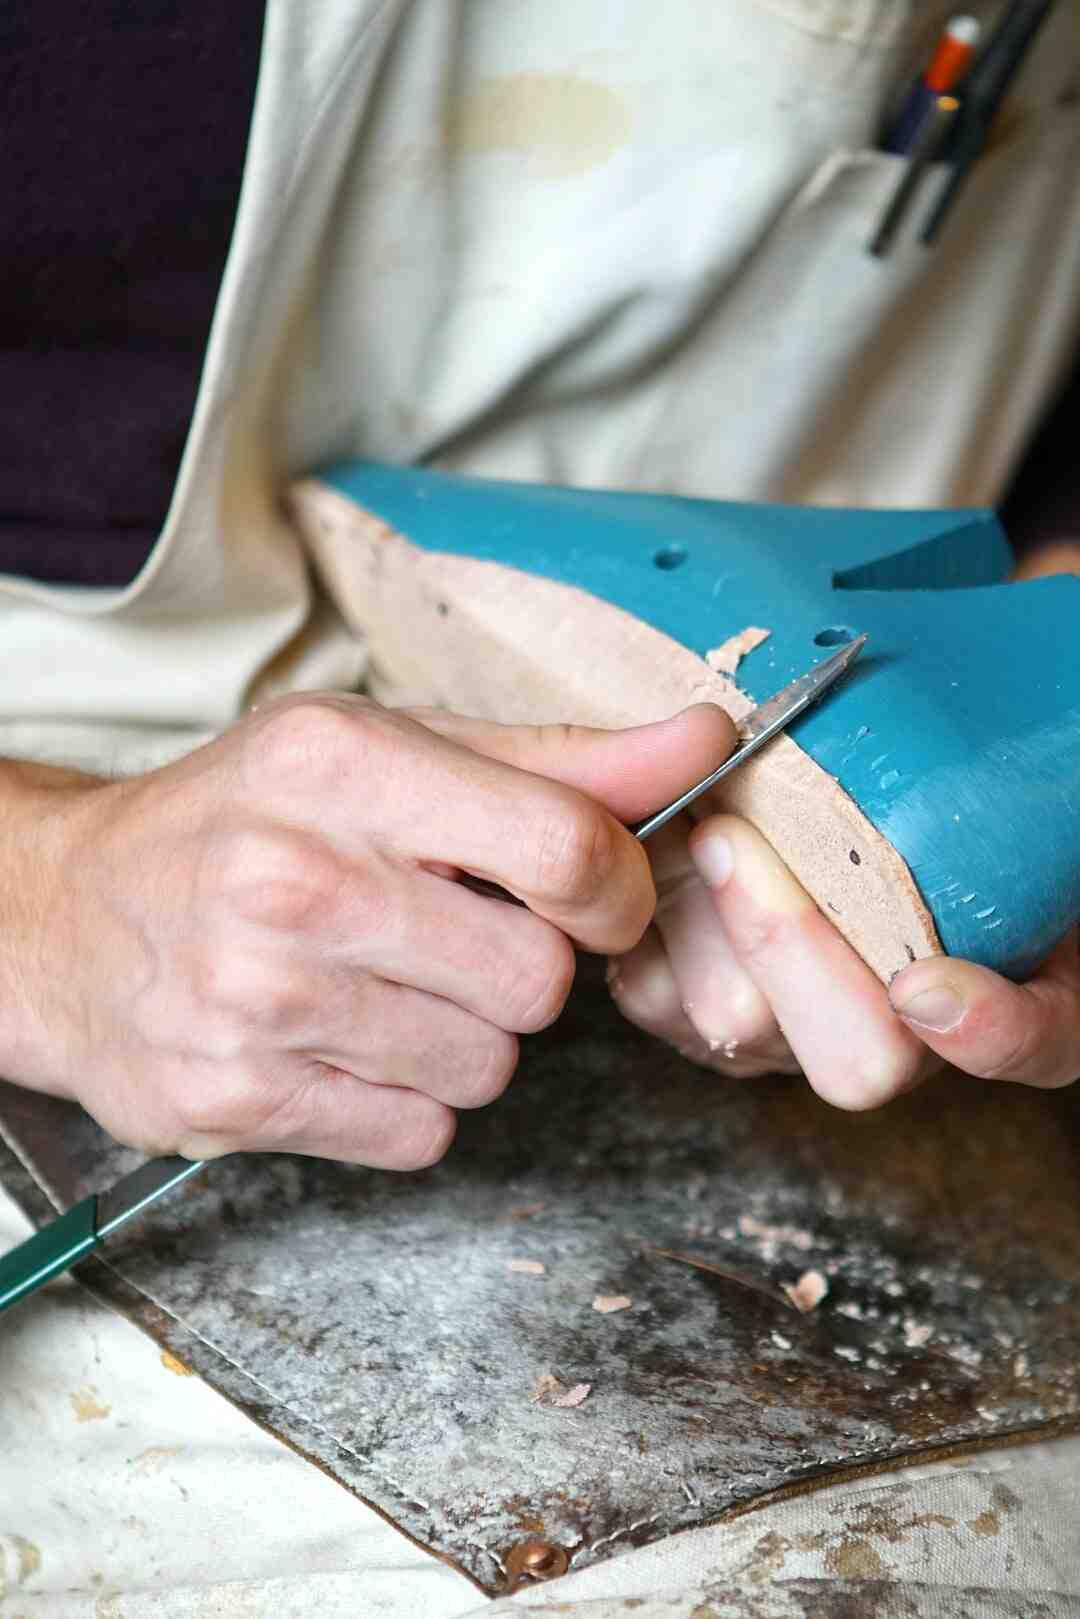 Comment réparer une semelle en caoutchouc ?